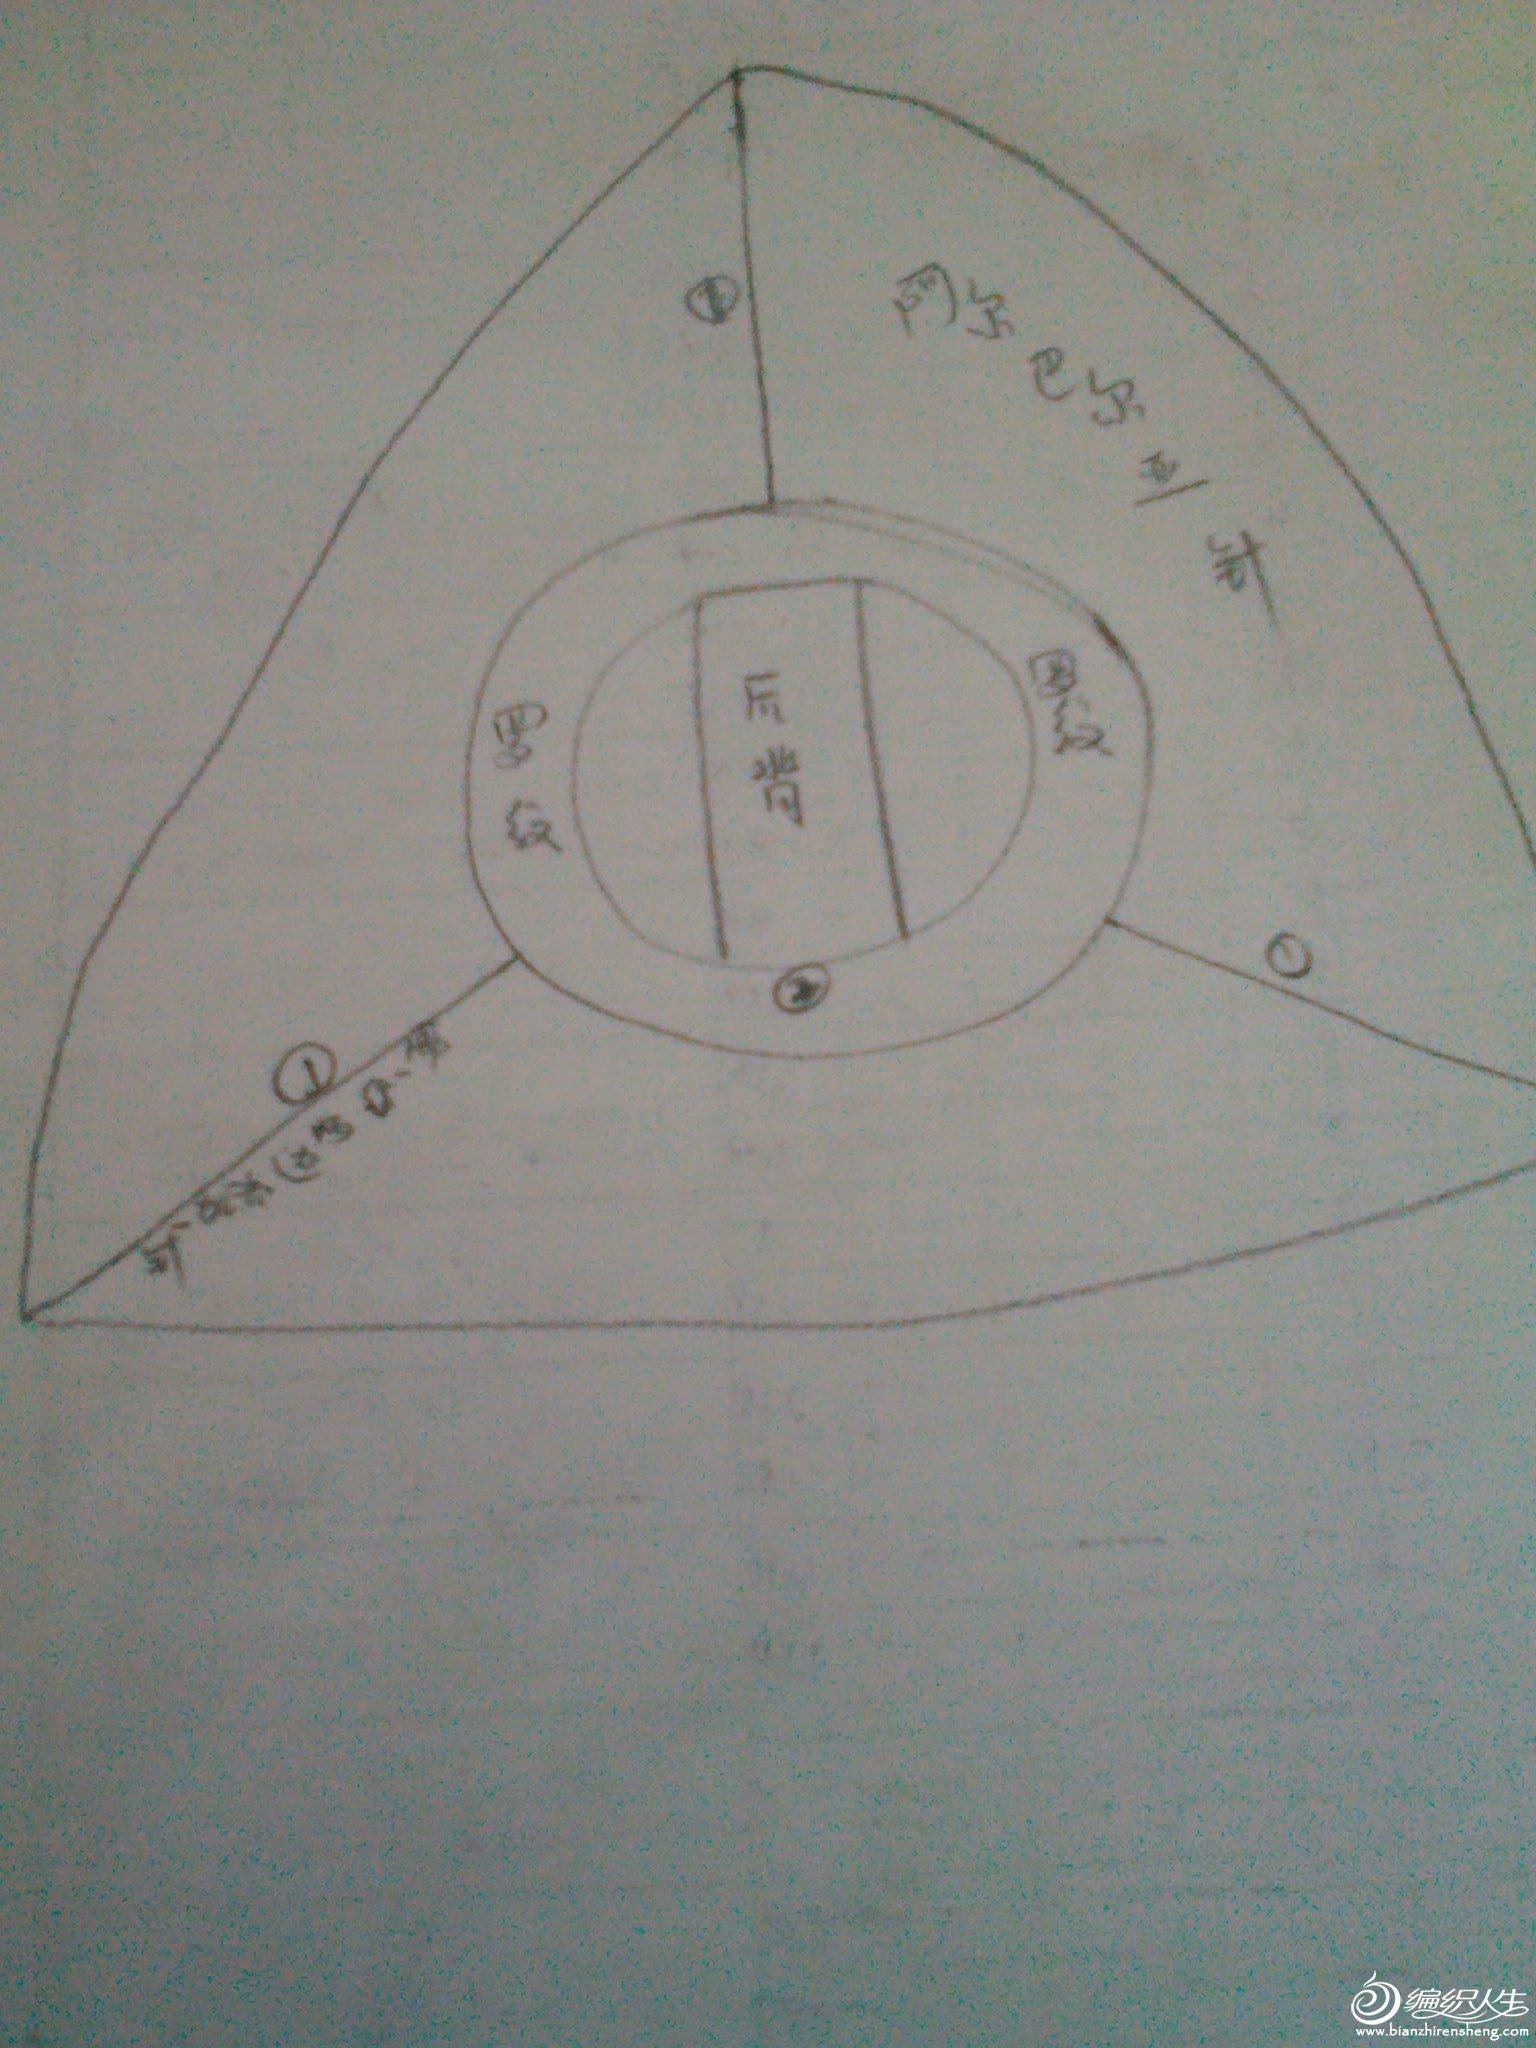 织完后基本就是这个样子,关键是织完螺纹平分3等份后在标识1的地方隔一行两边各加一针。